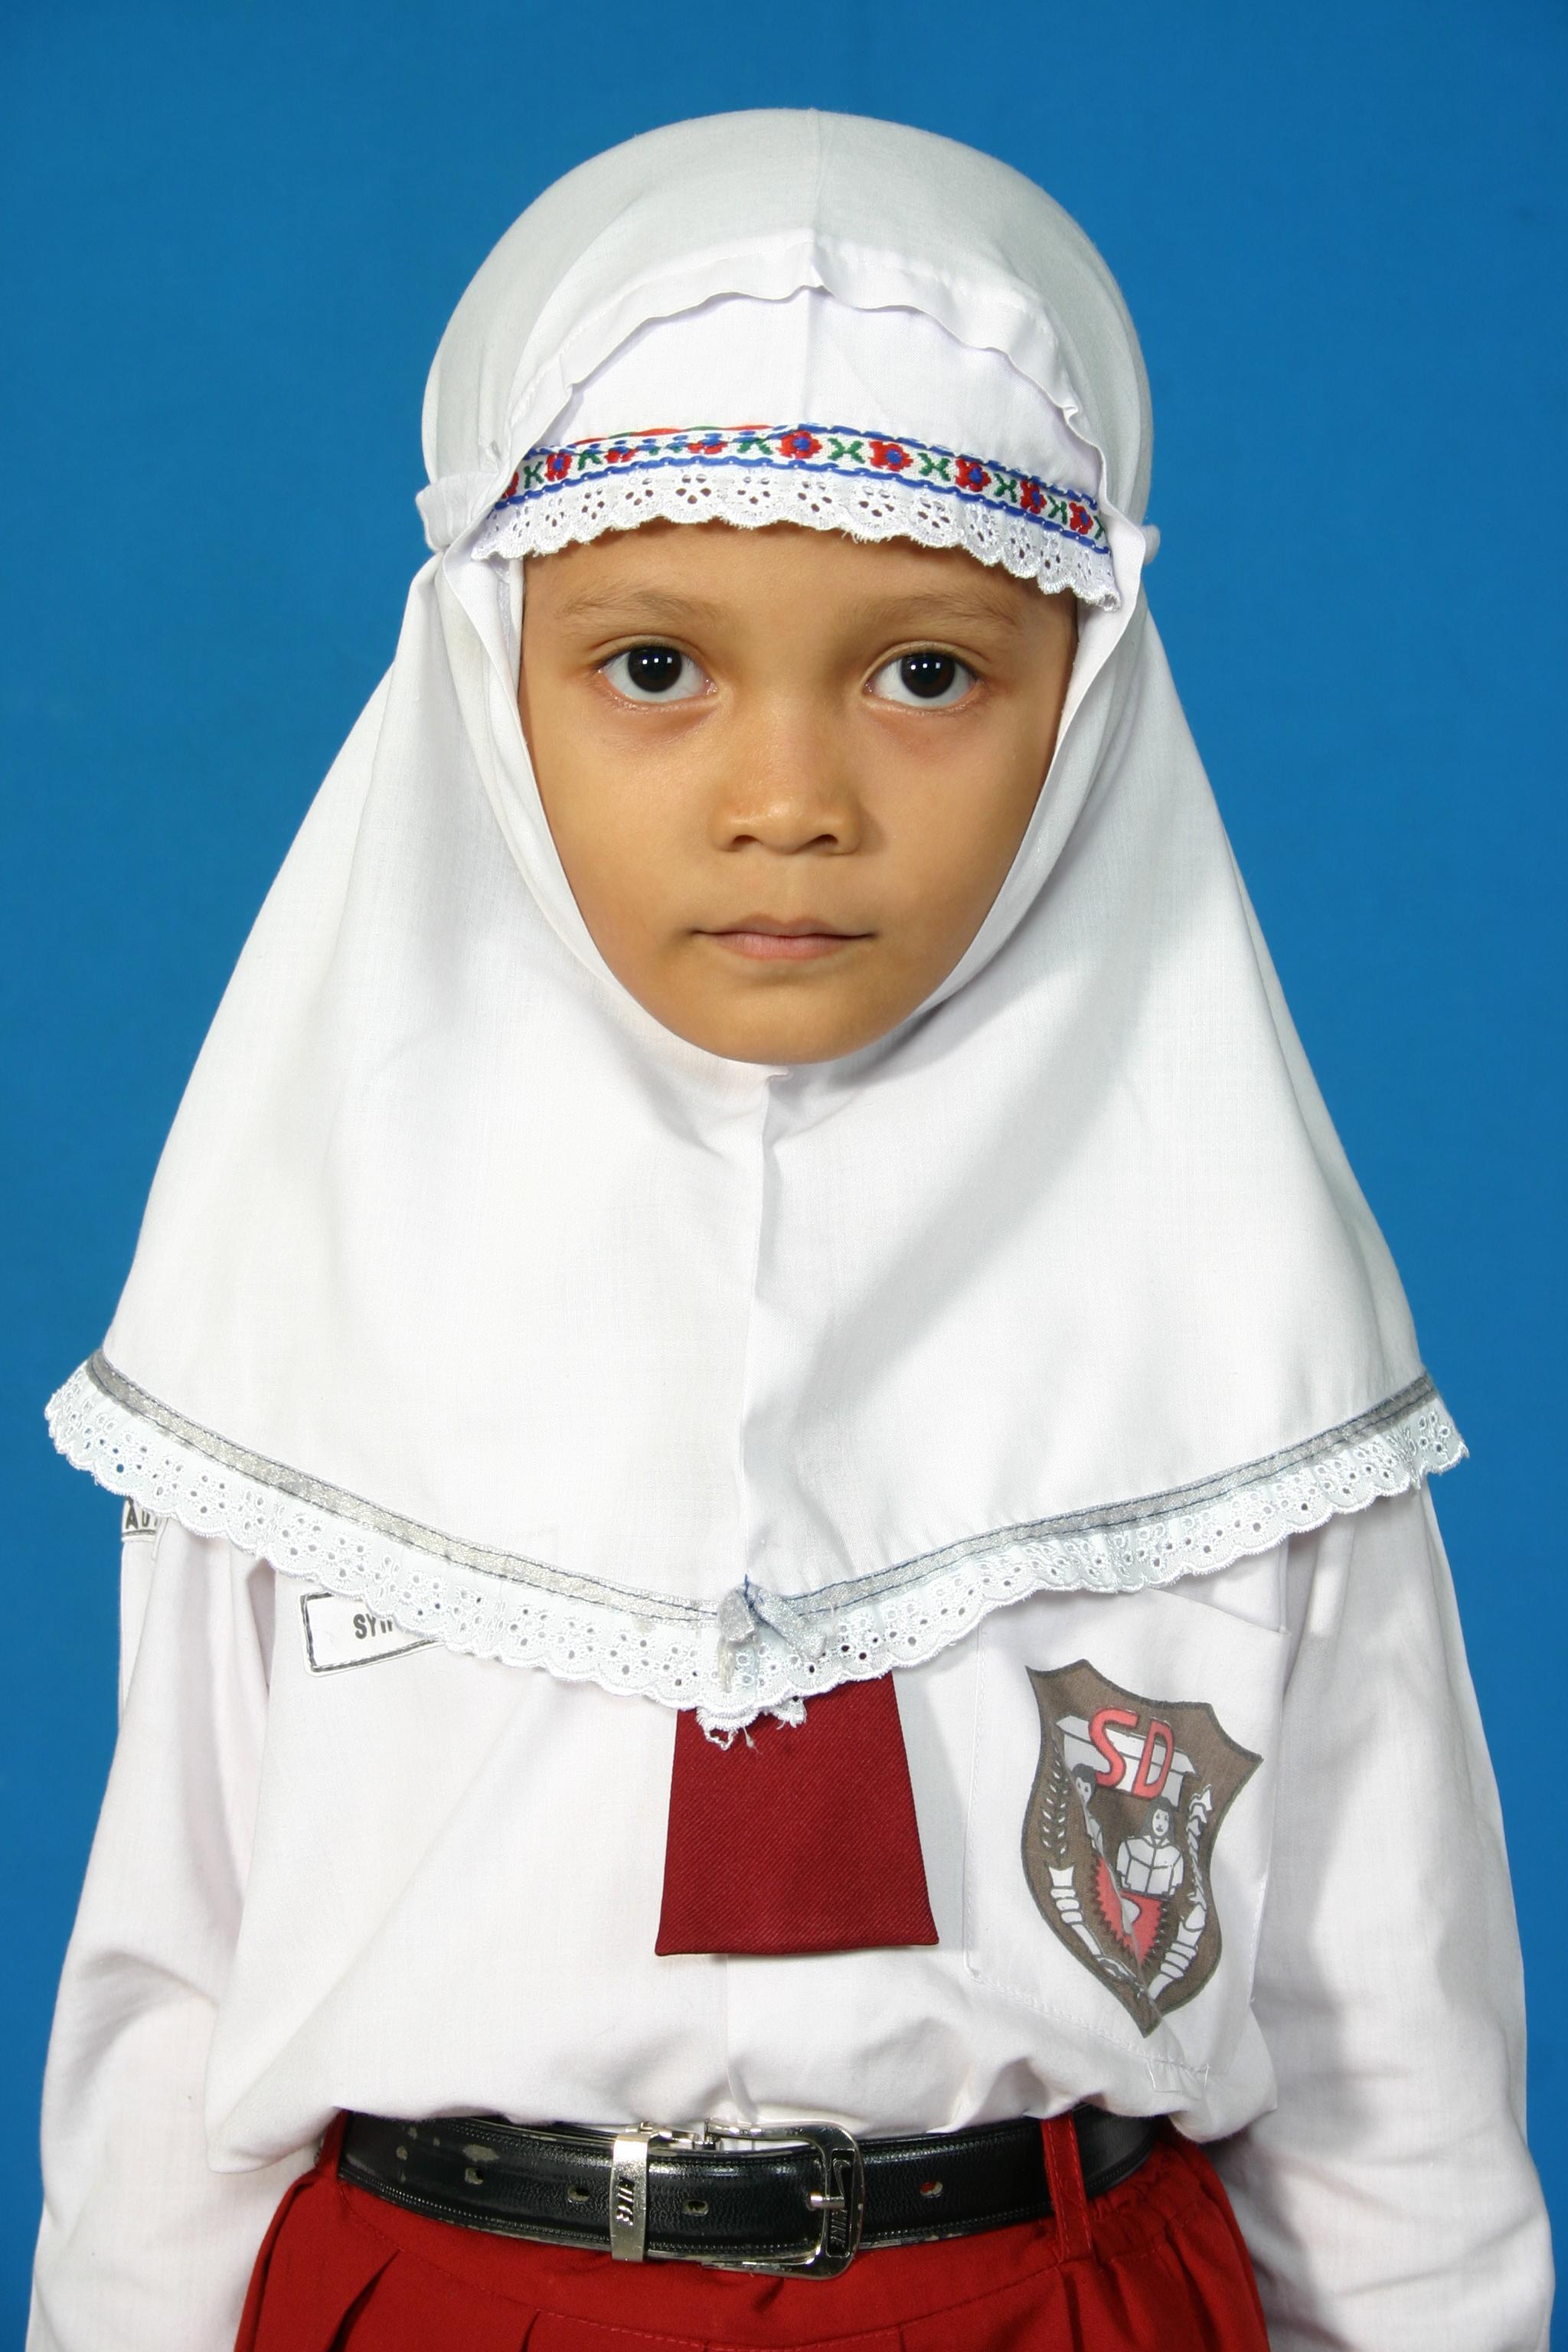 Syifa 001 ABYNOEL